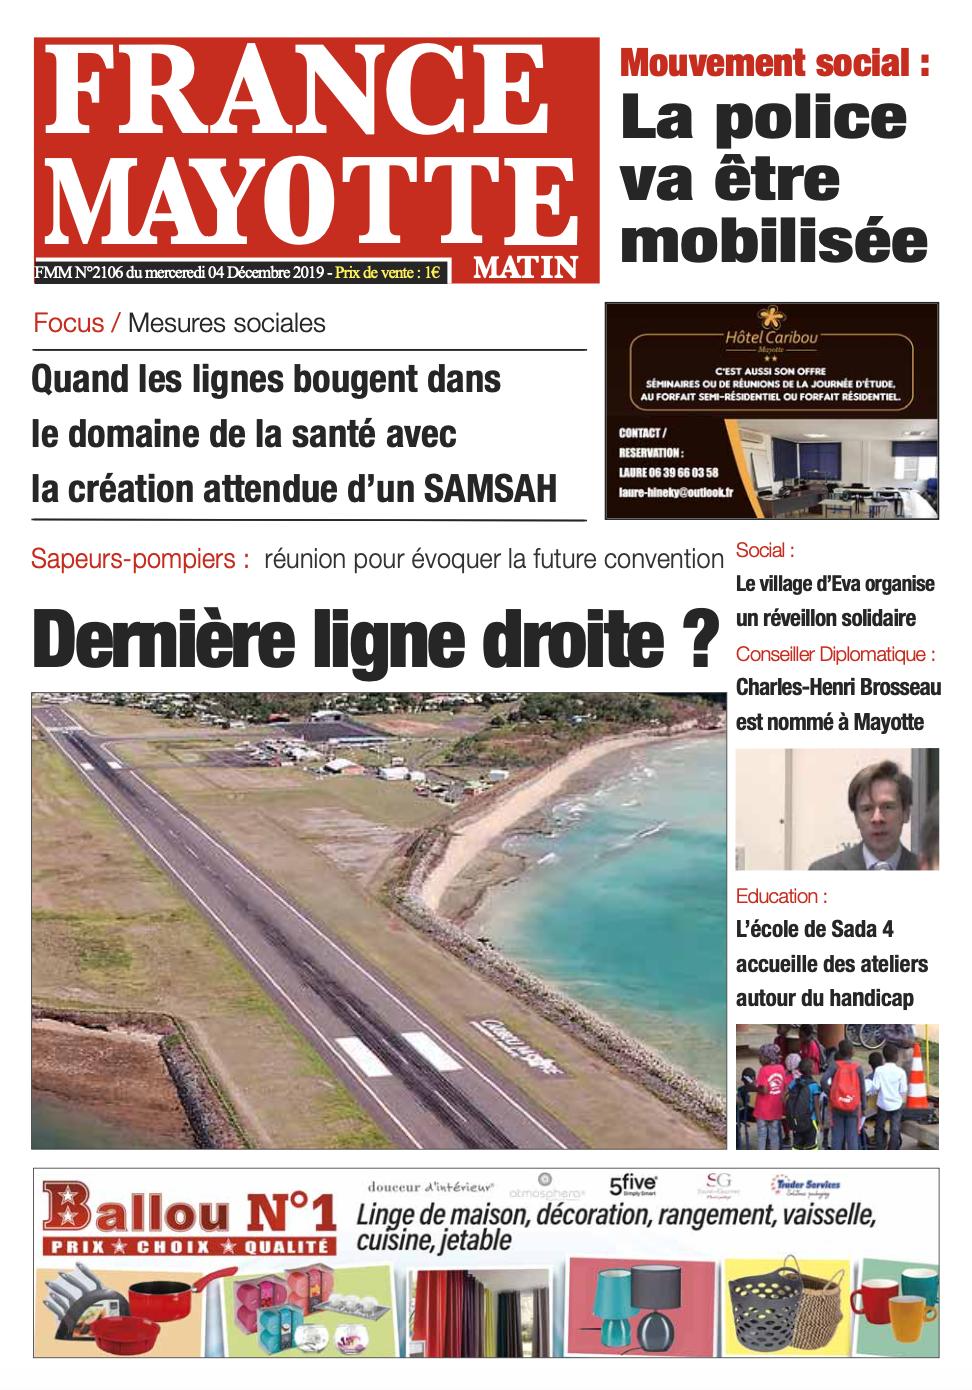 France Mayotte Mercredi 4 décembre 2019